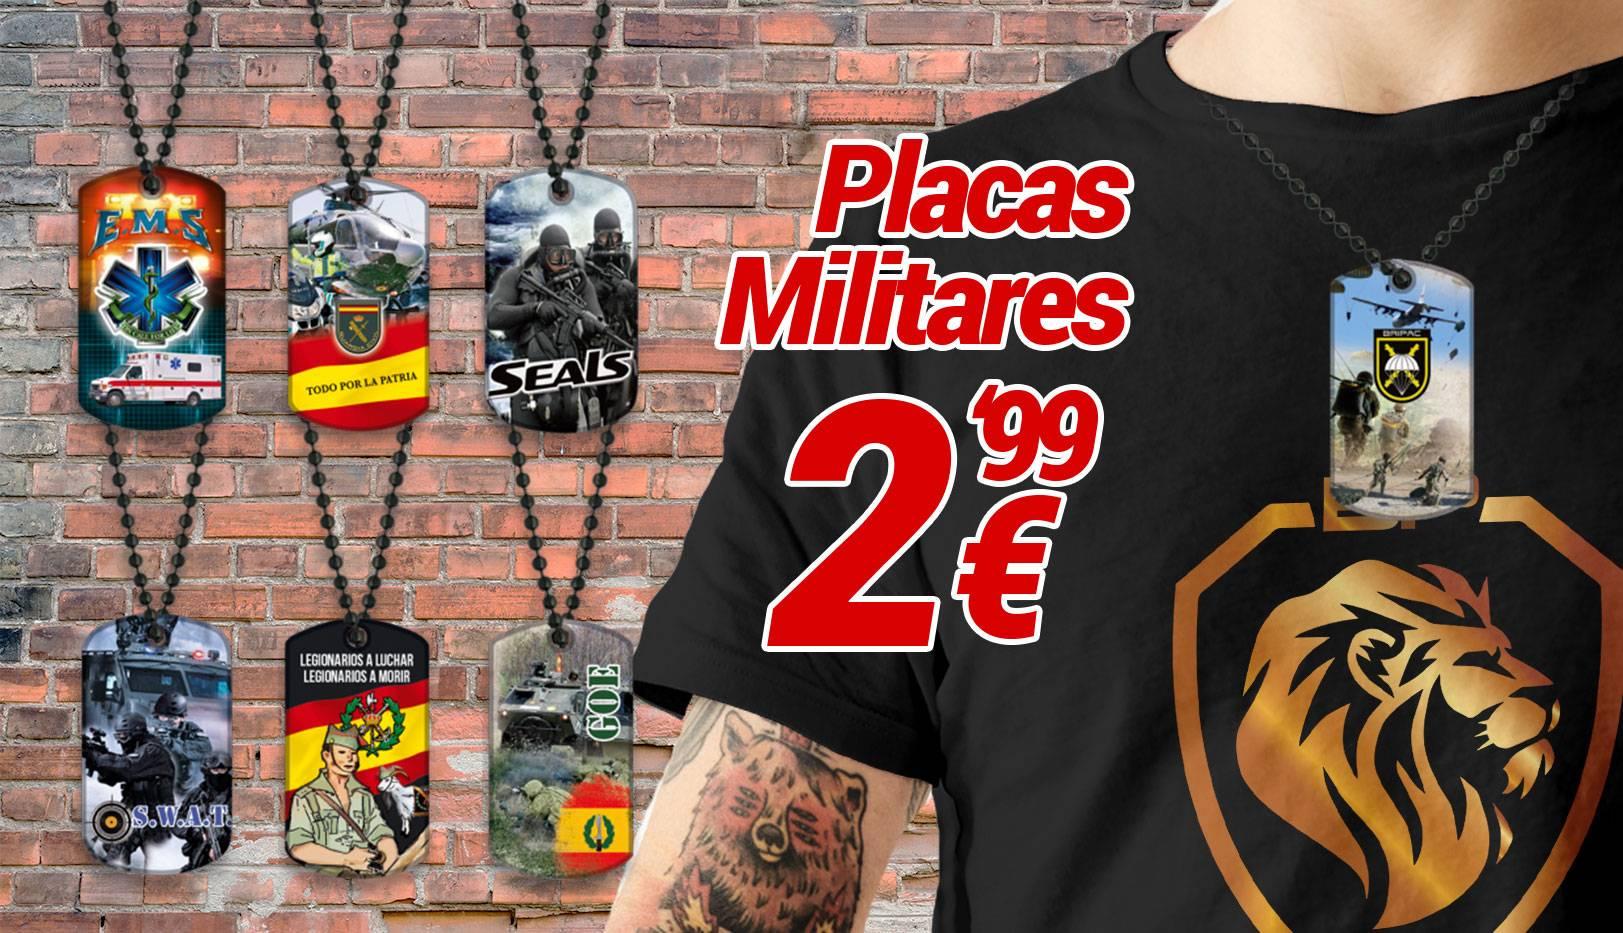 Placas Militares